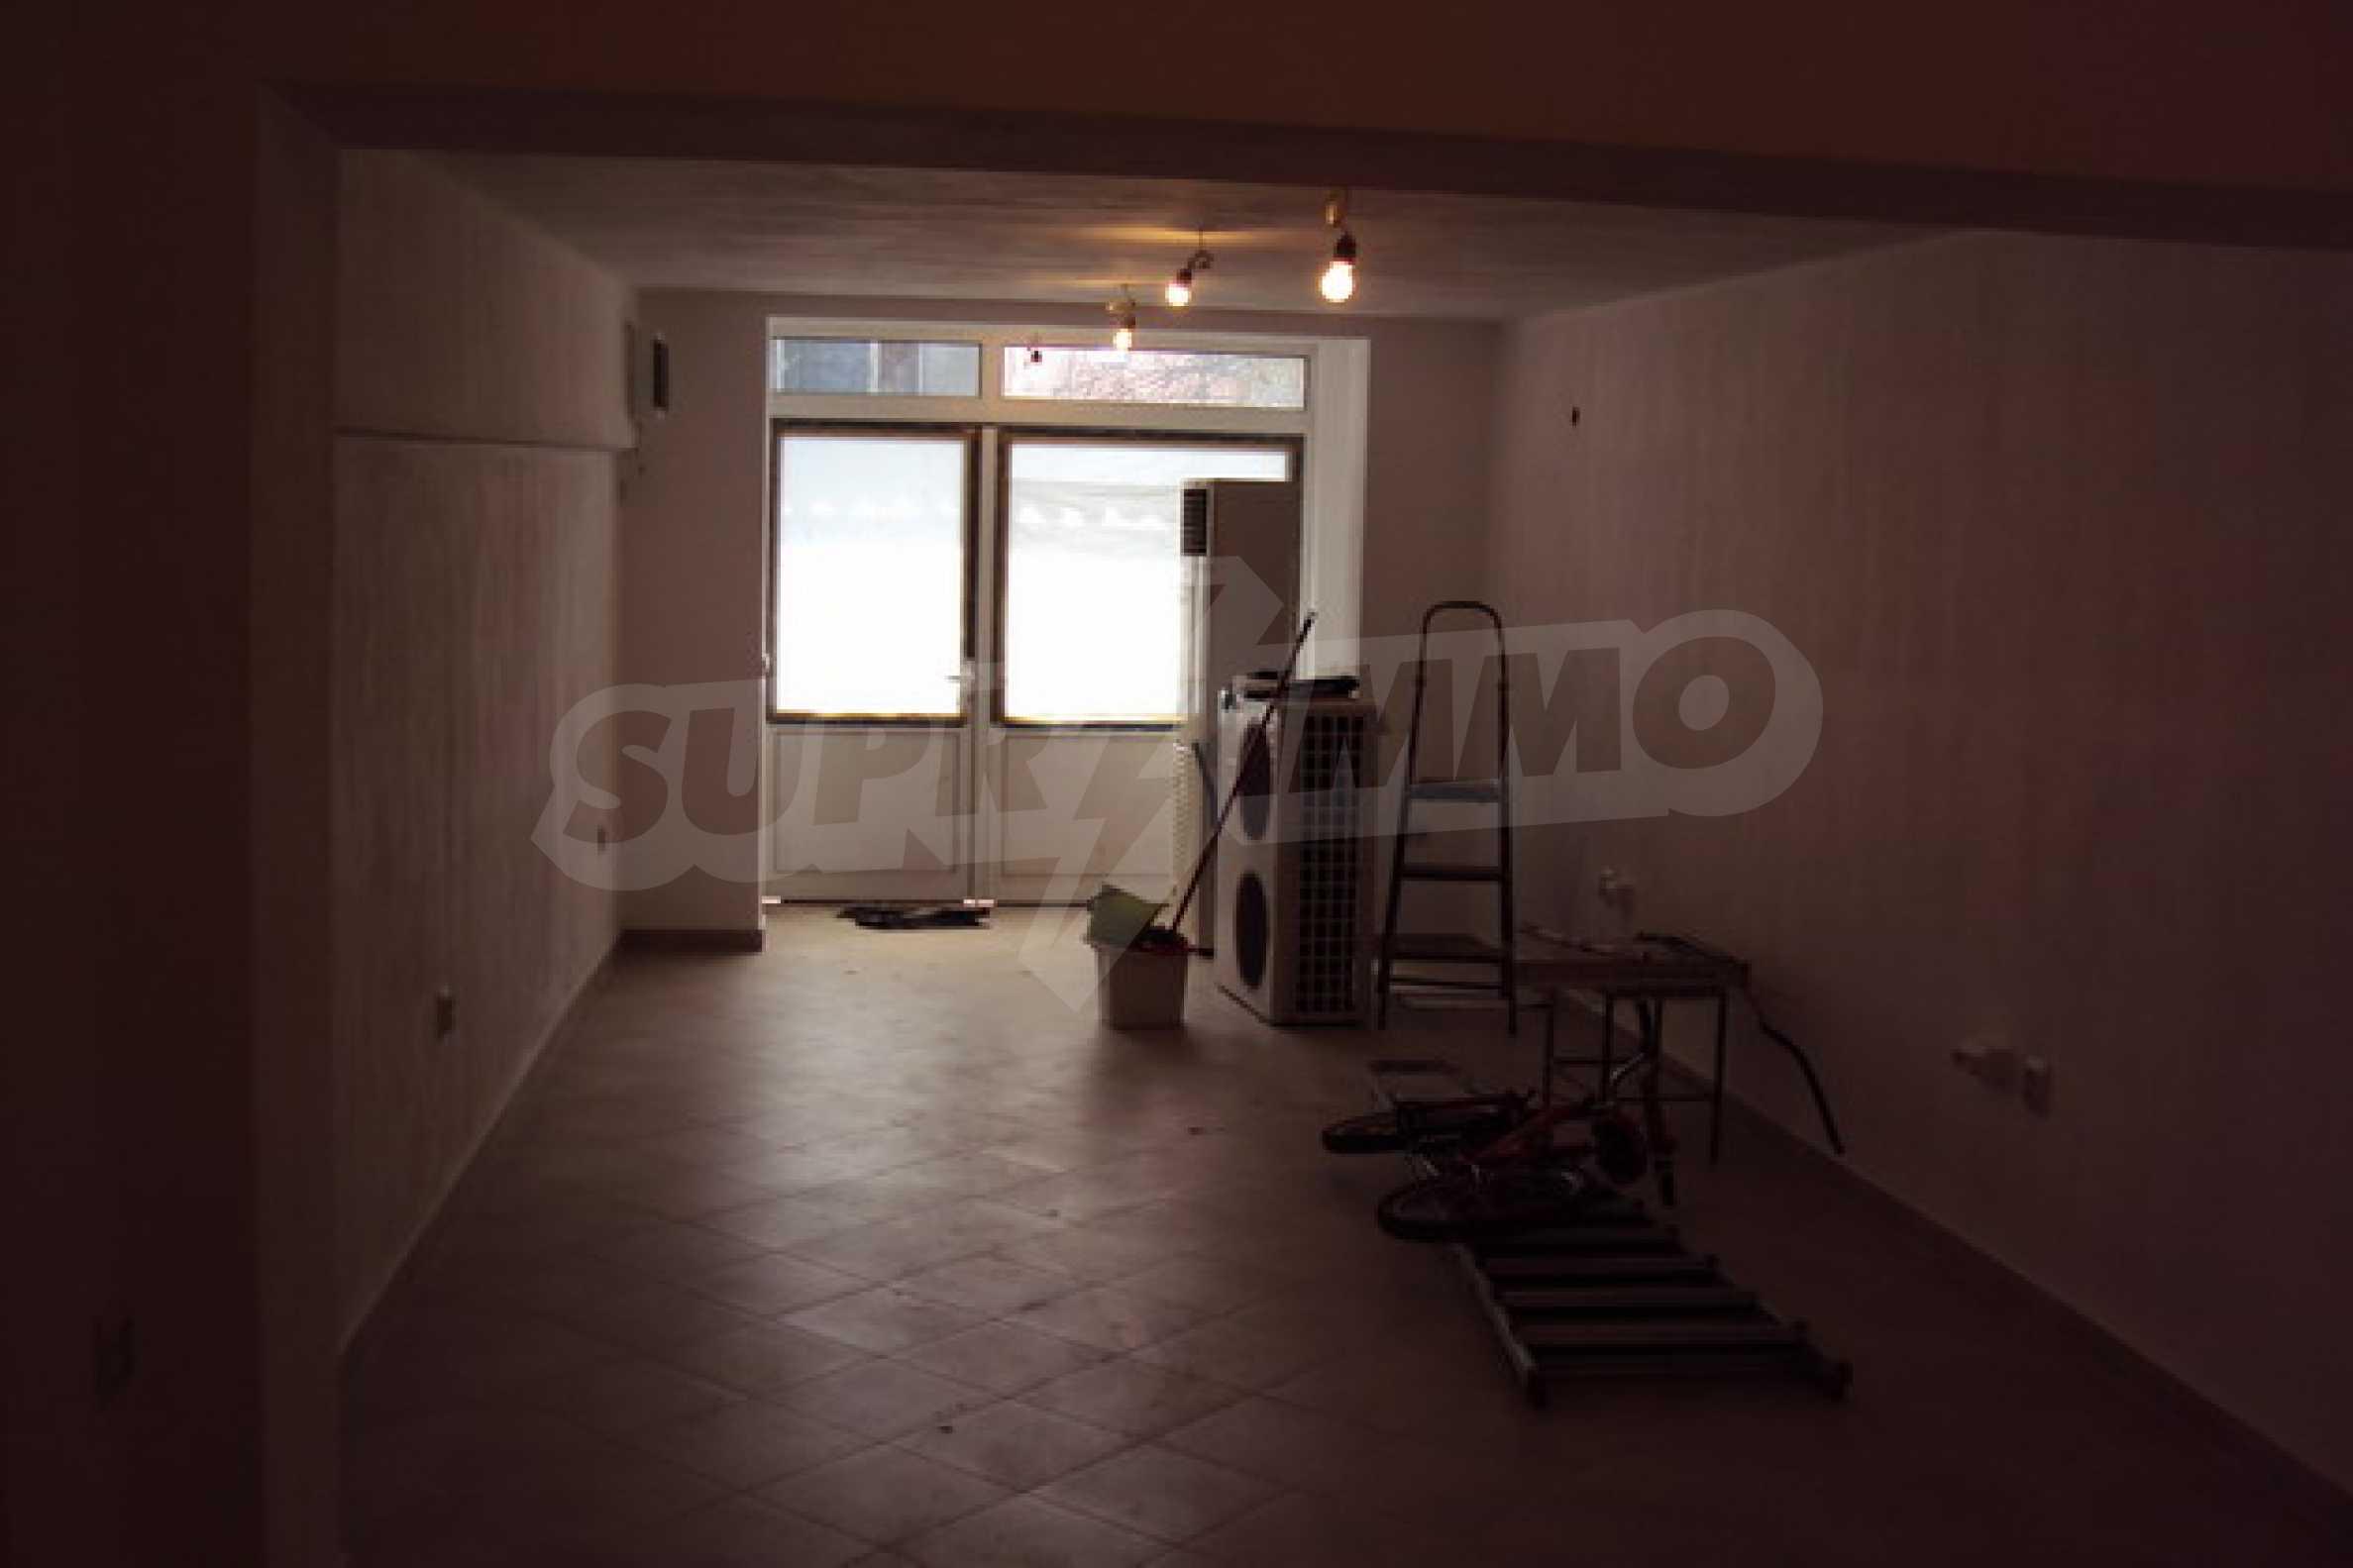 Магазин/офис продается в городе Велико Тырново 12